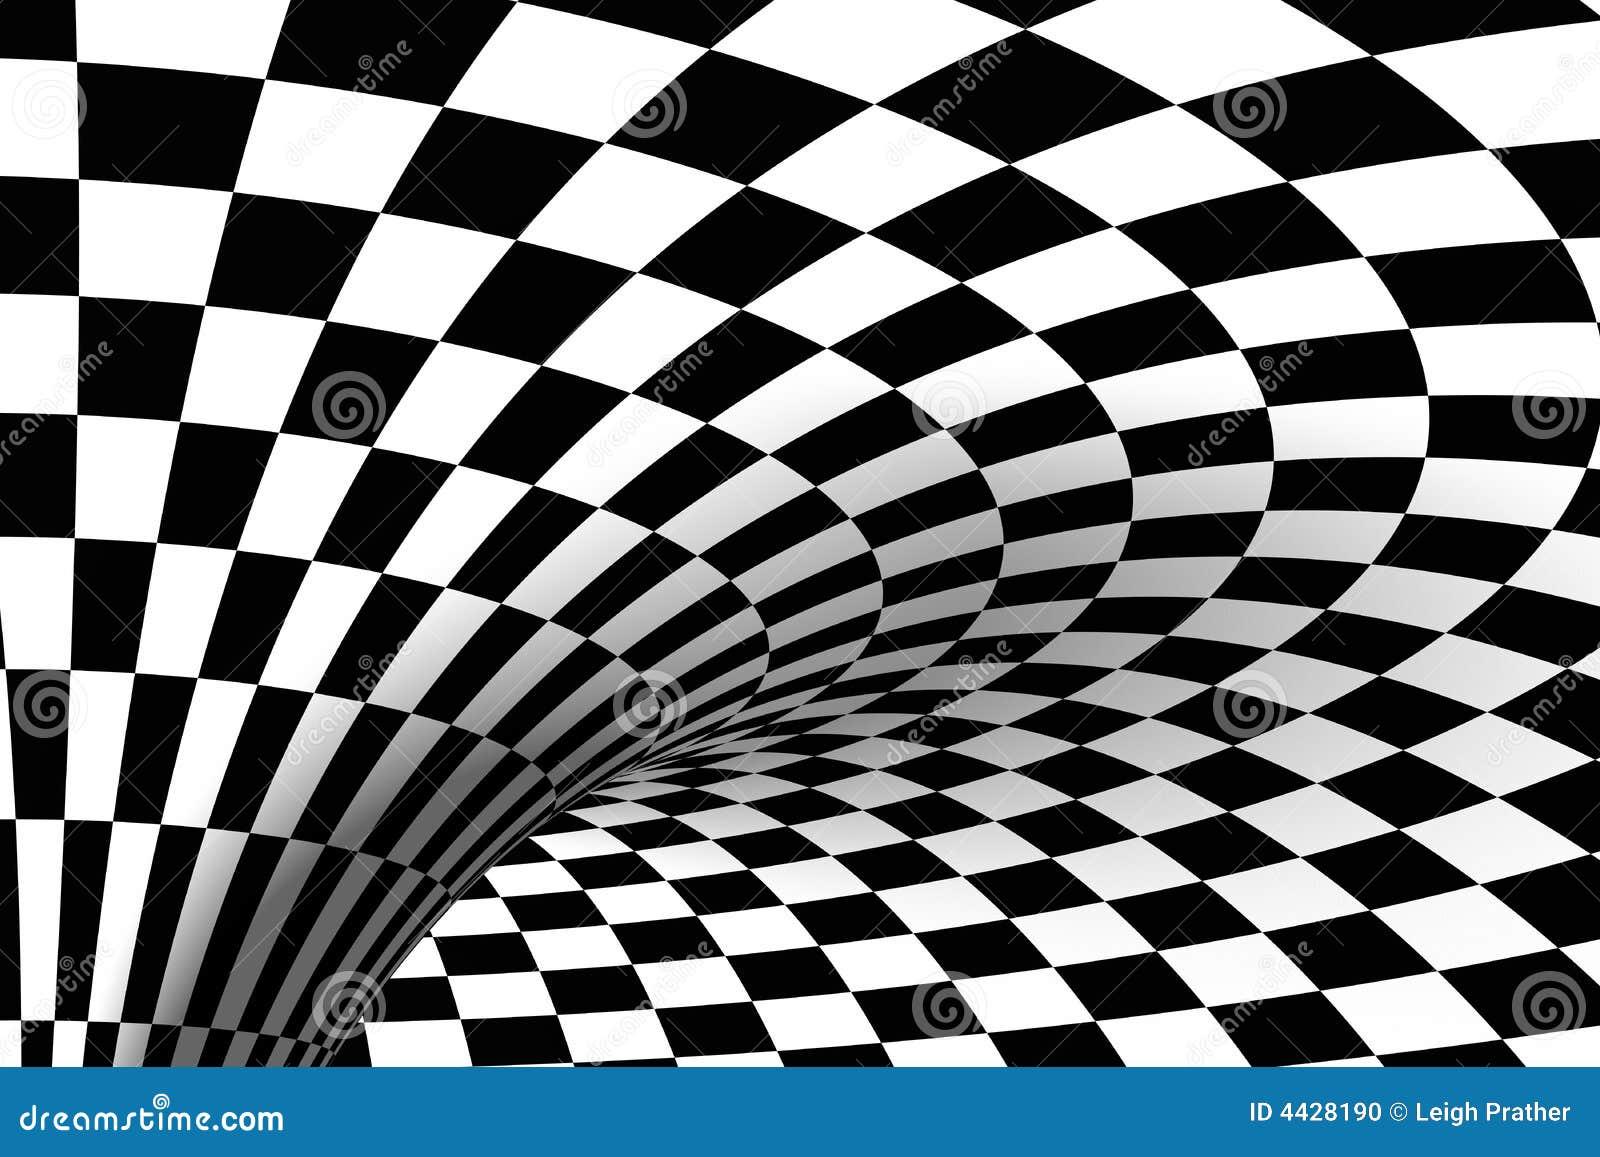 Black & White tiled background